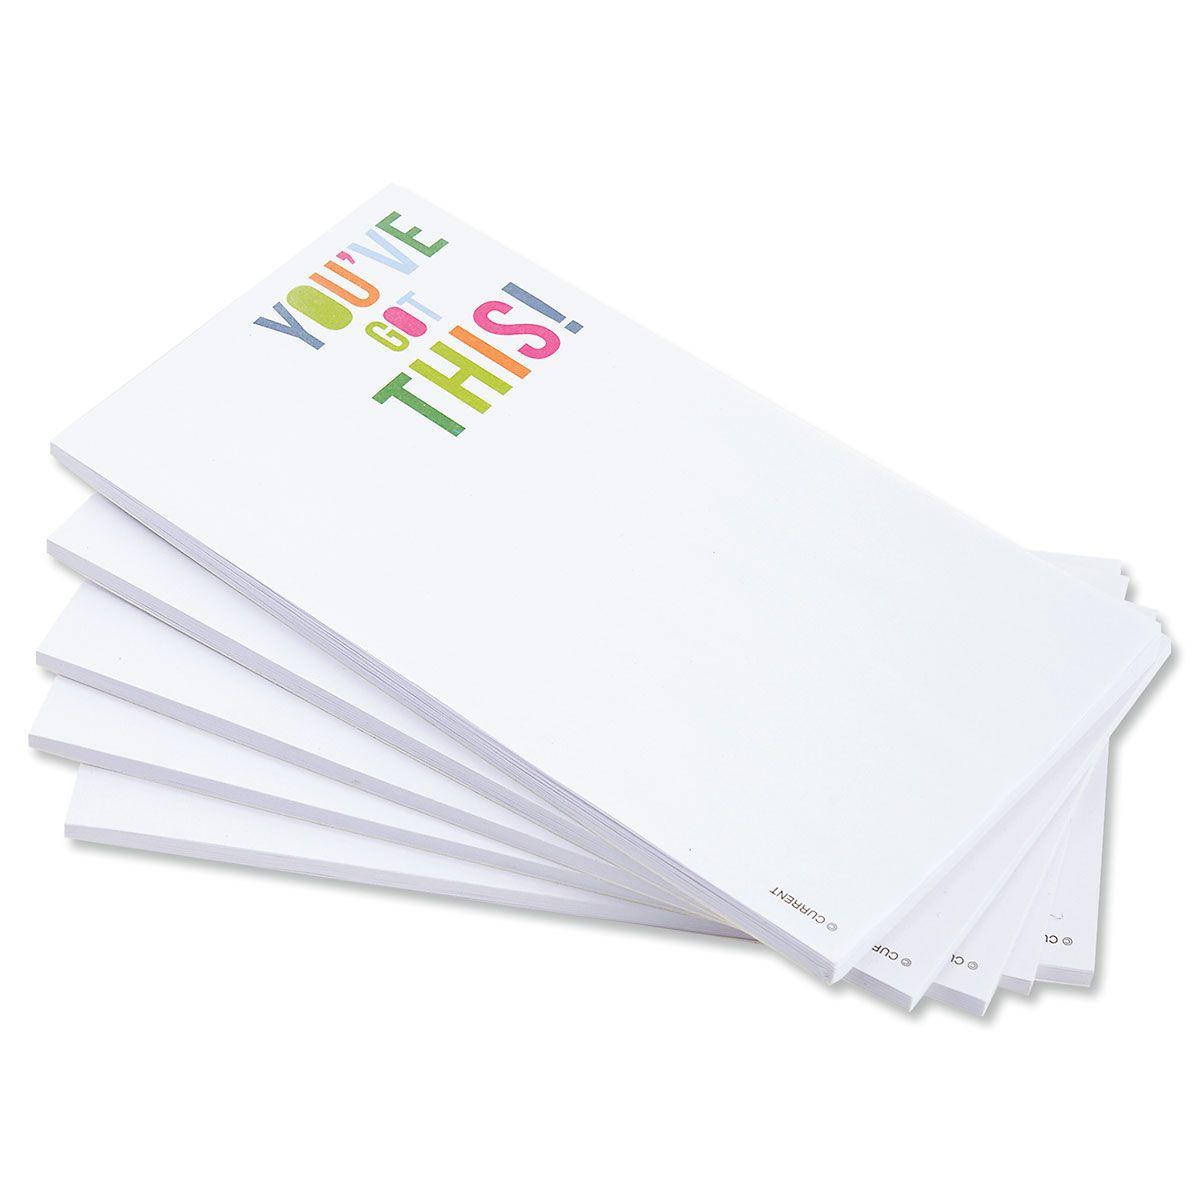 Motivational Notepads